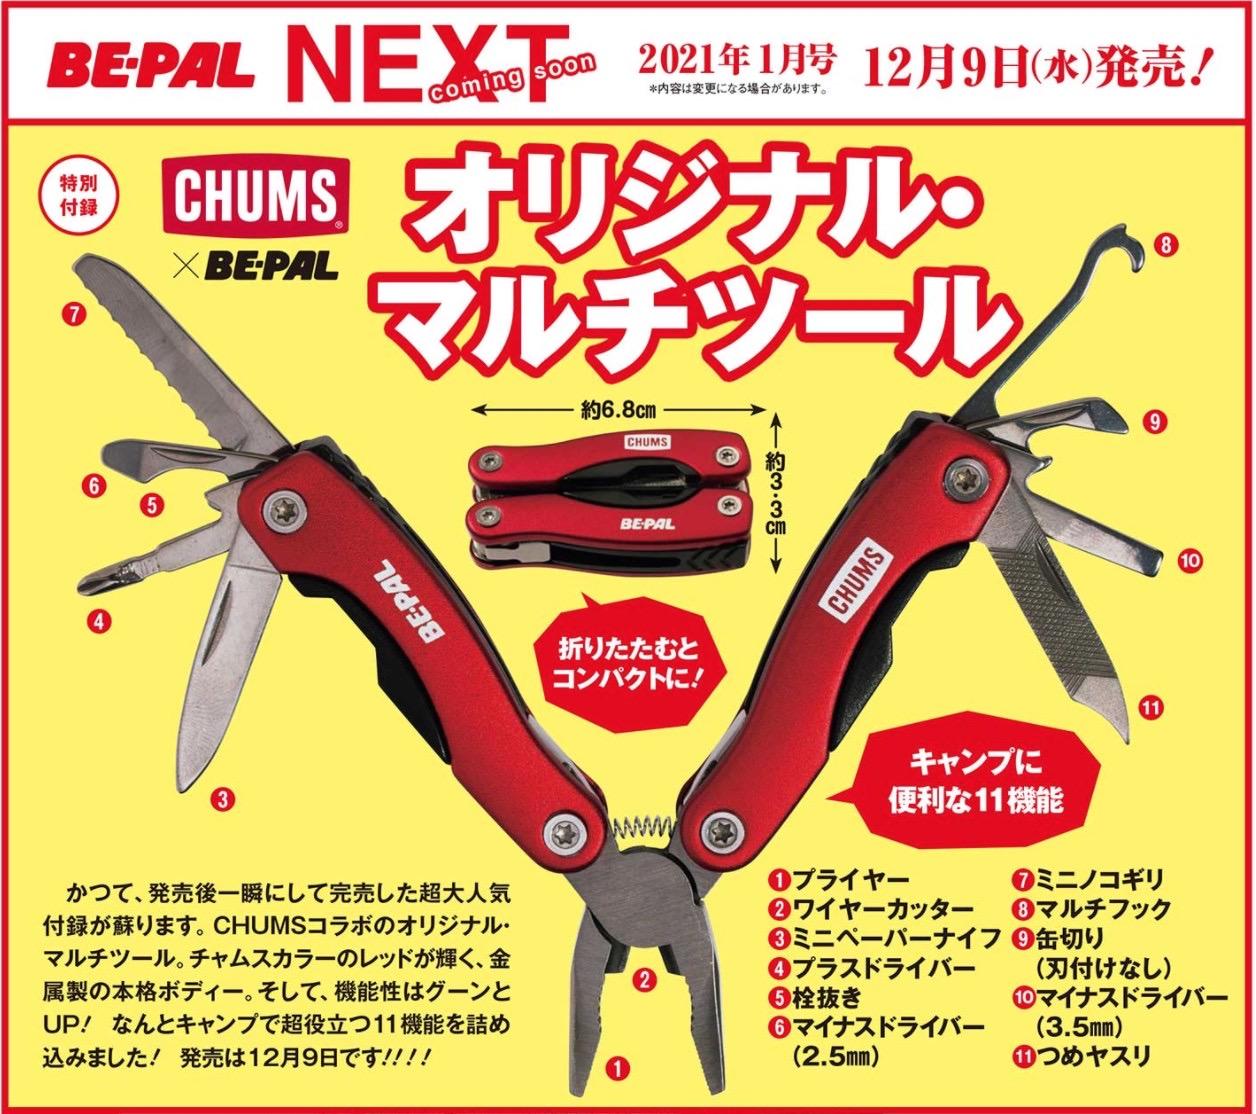 CHUMSコラボのマルチツールが付録の「BE-PAL 2021年1月号」を予約した!1,000円で12月9日発売!